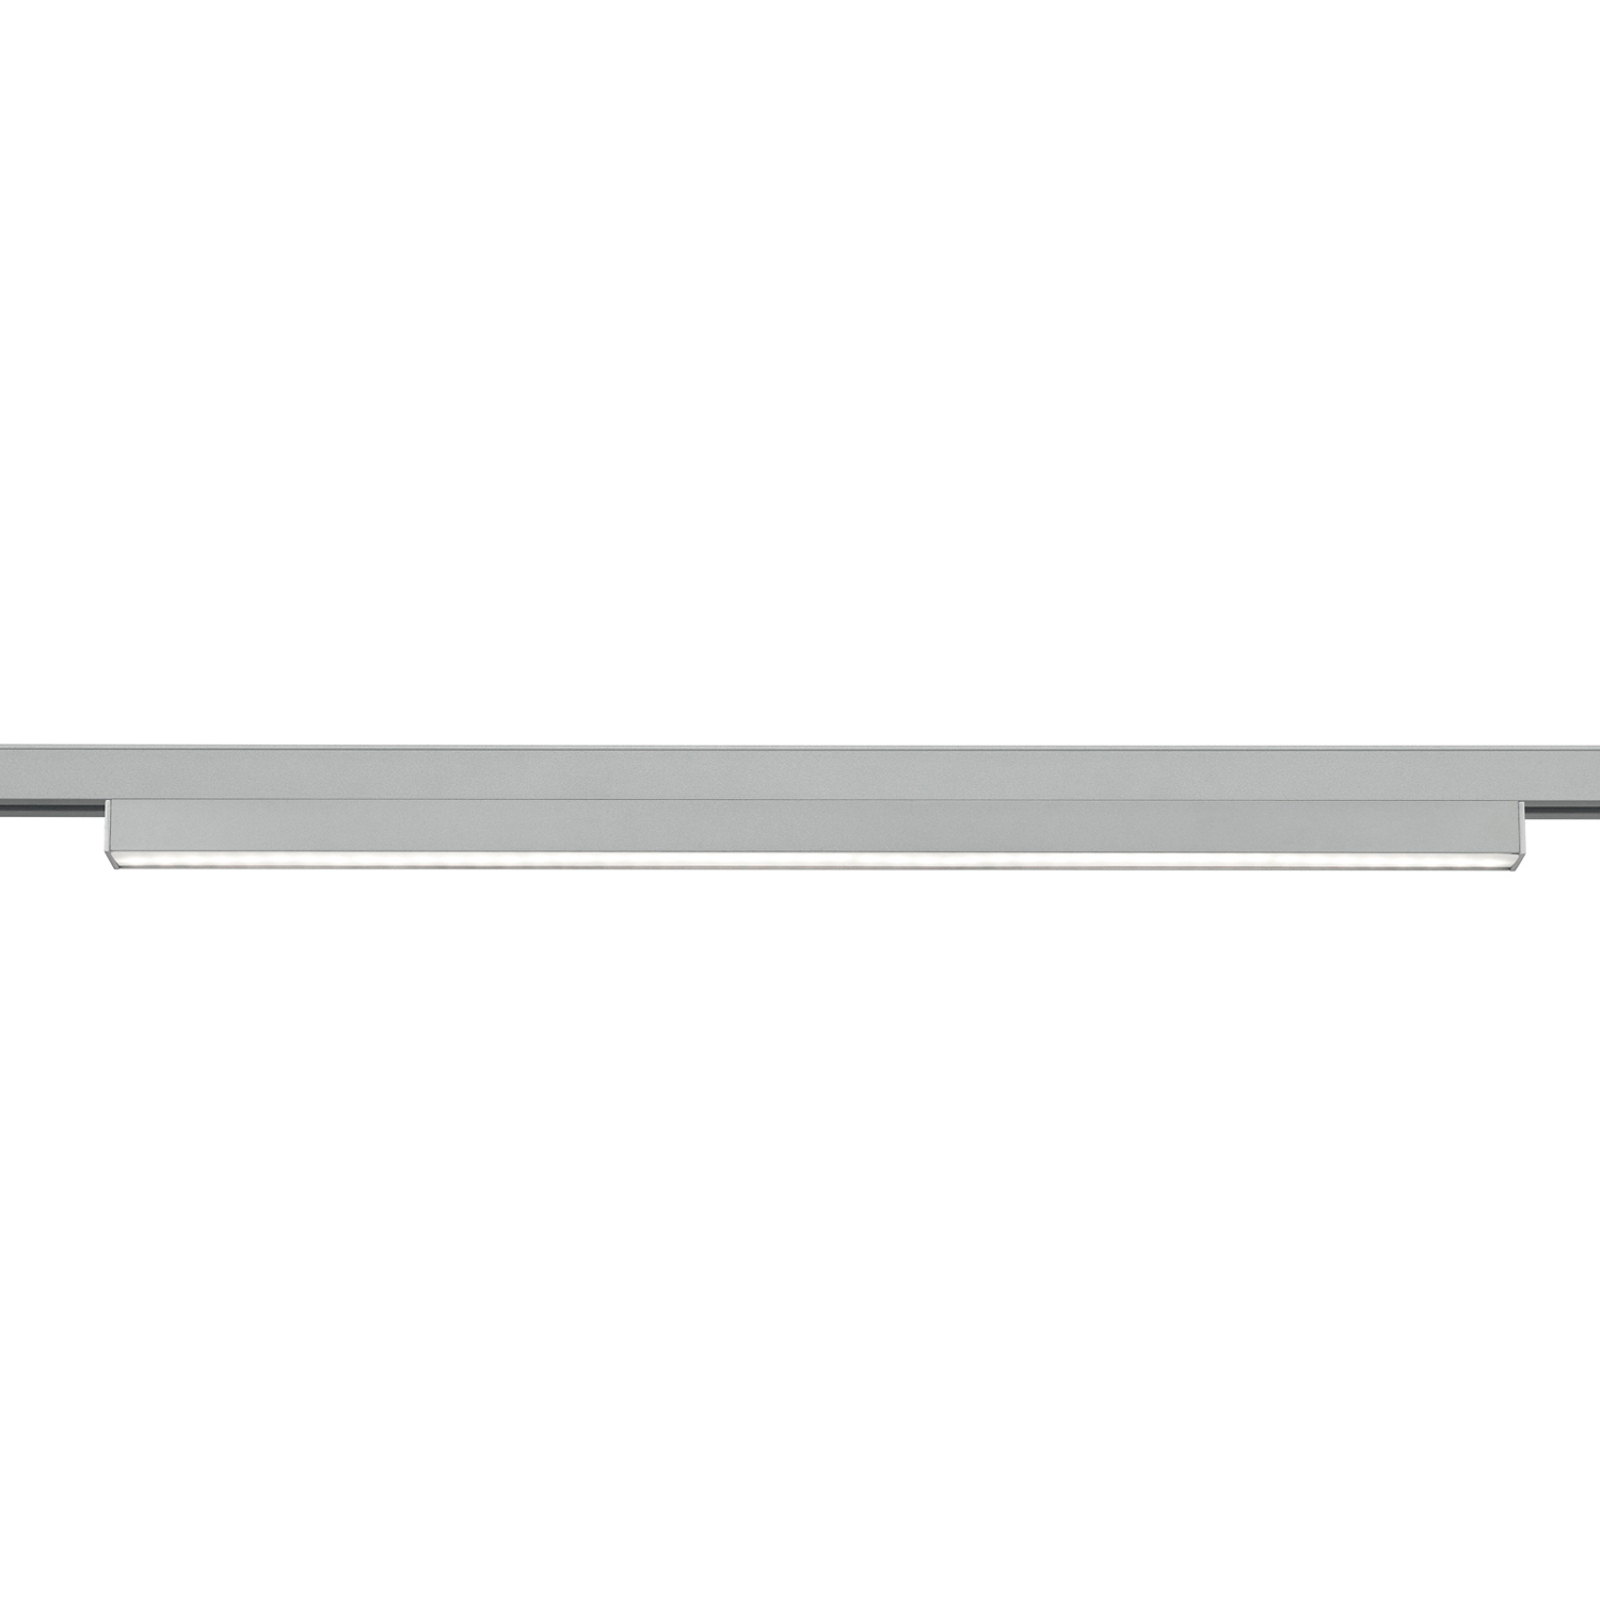 LED světelná lišta pro DUOline systém titan